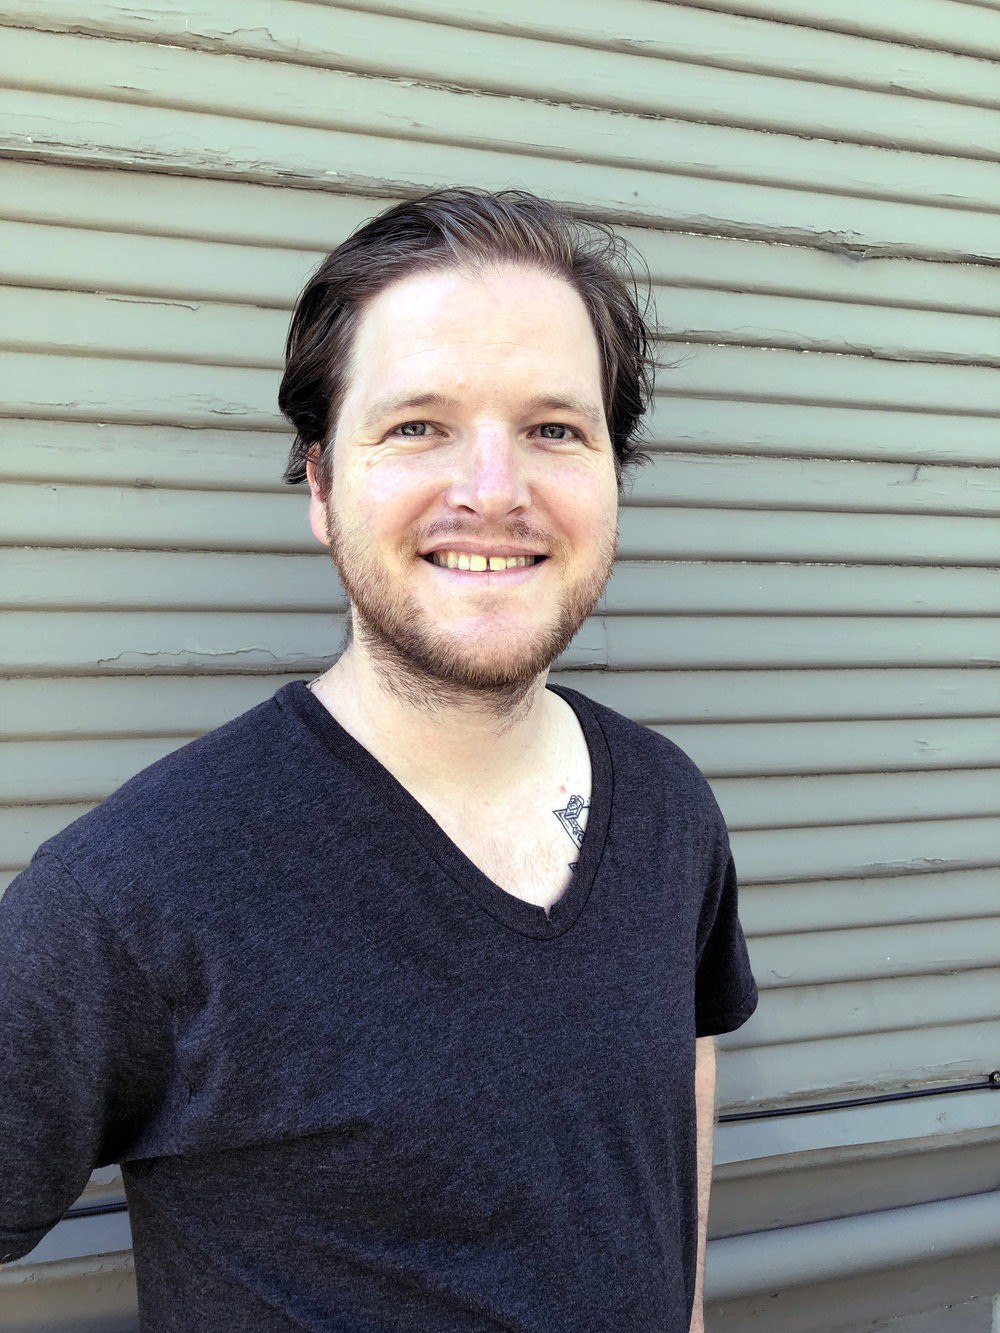 Aaron Keuter